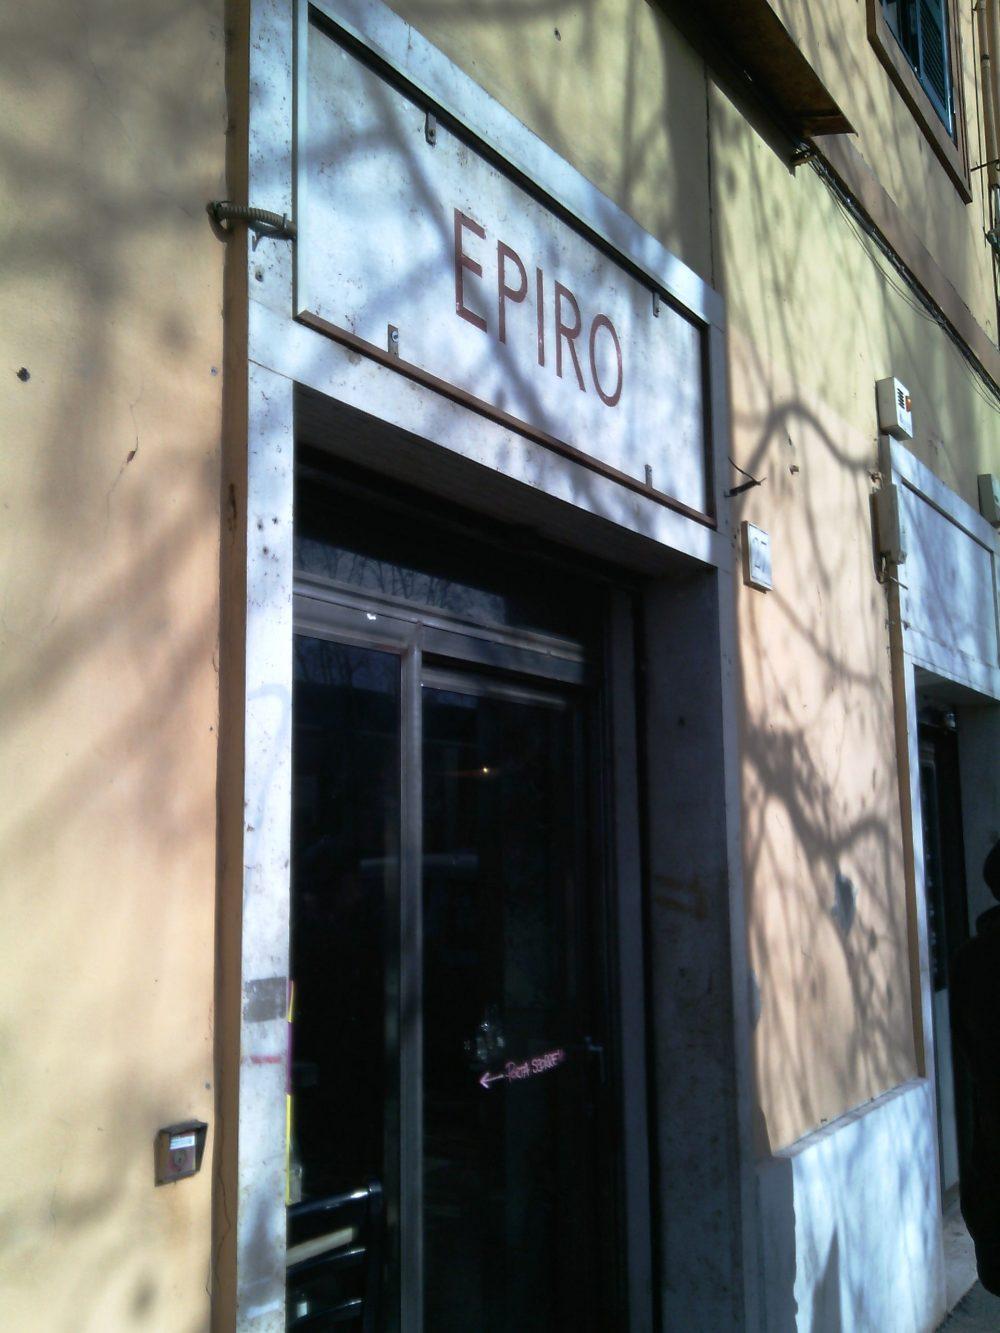 Piazza Epiro, L'entrata